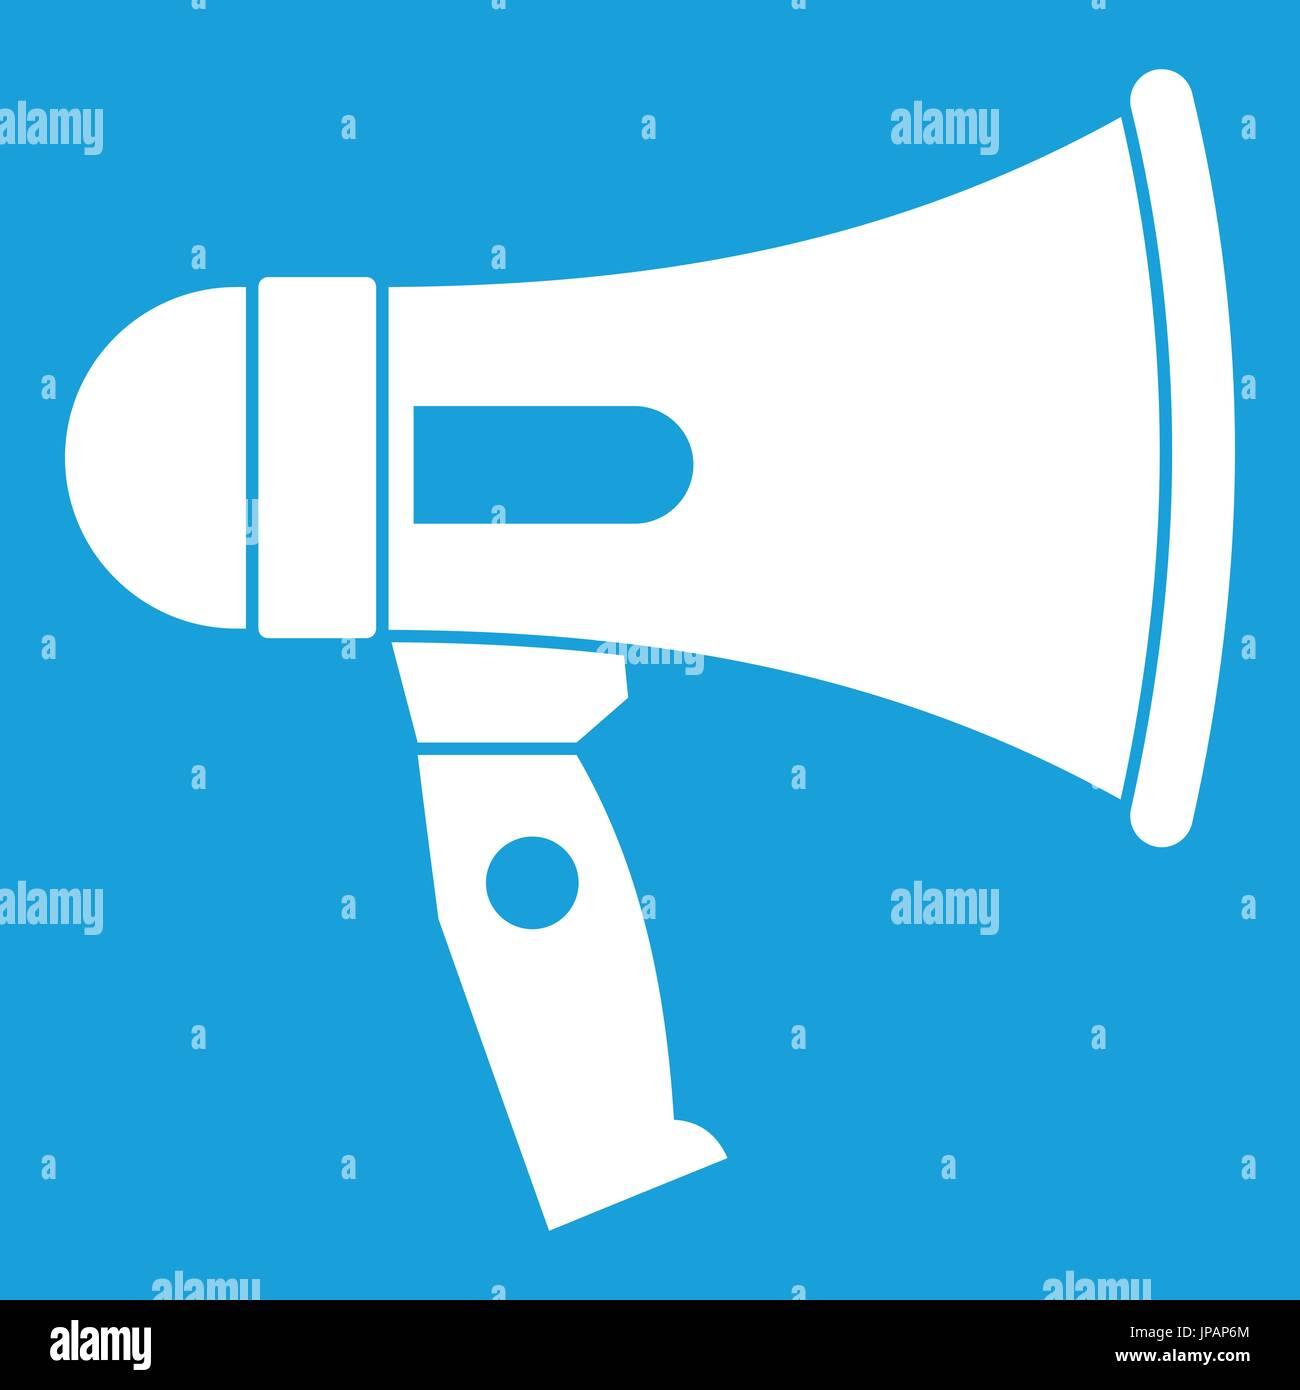 Mouthpiece icon white - Stock Image